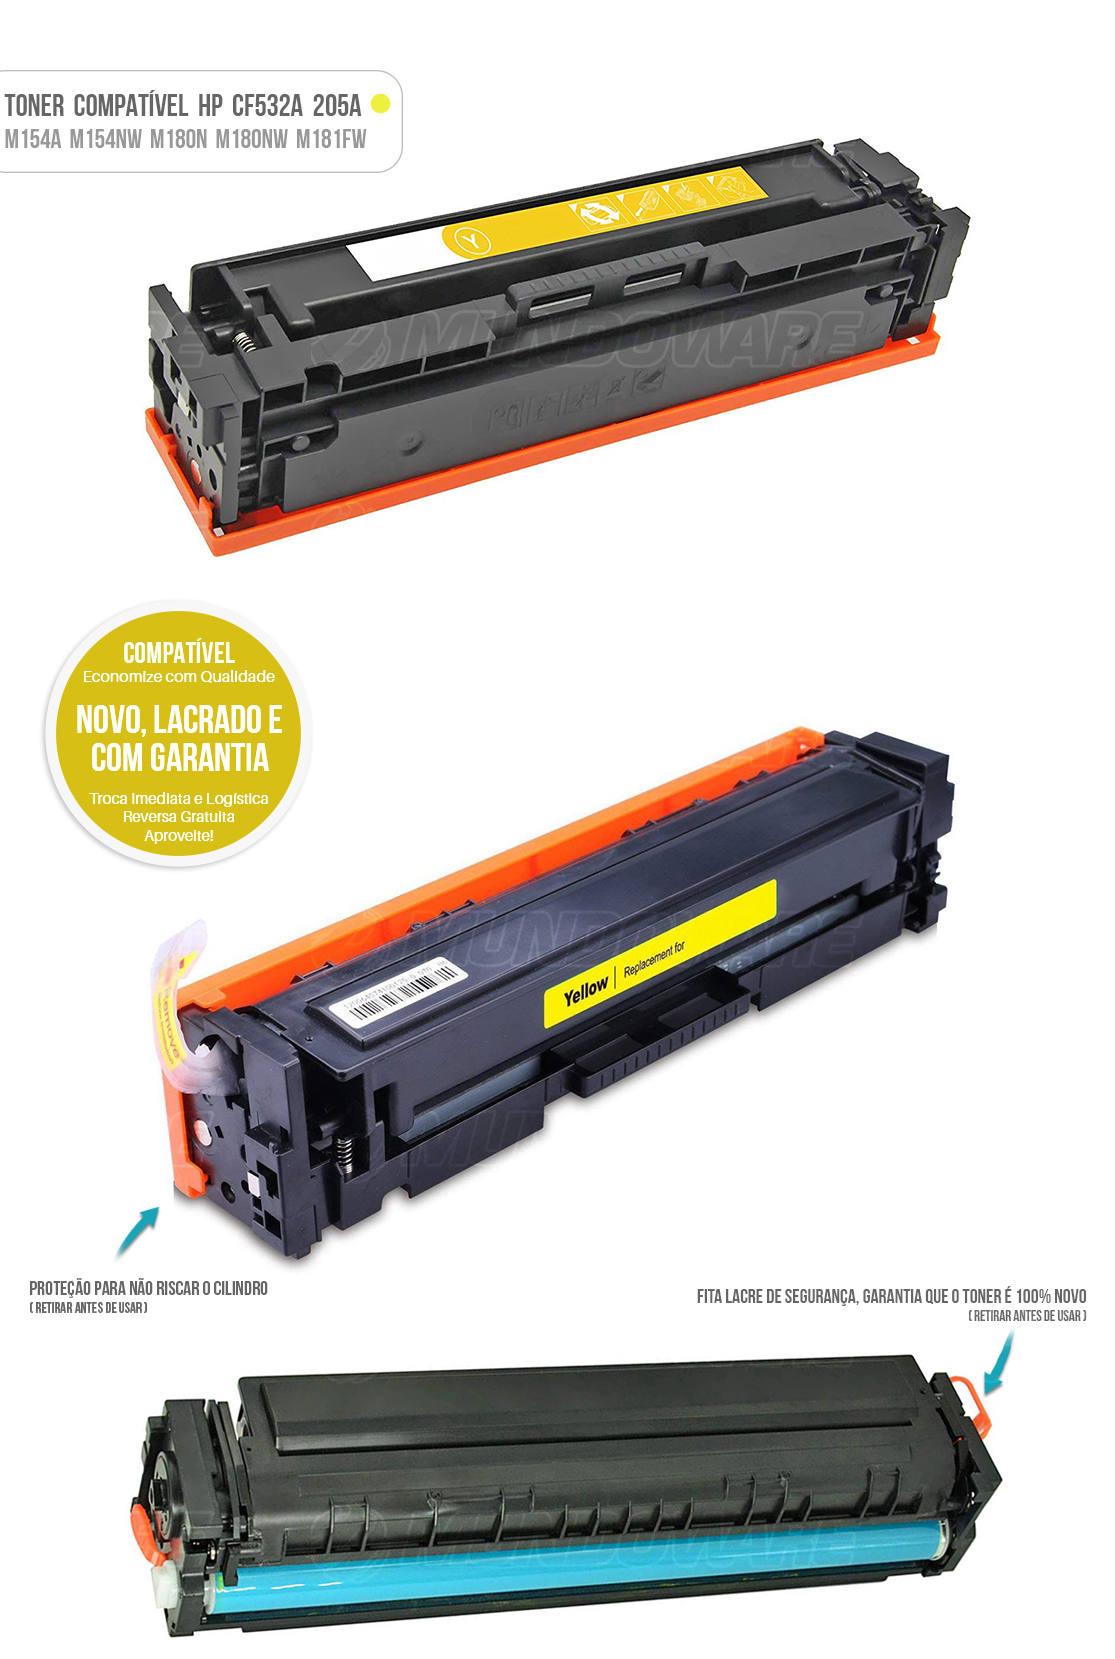 Toner para impressora Laser M154 M154A M154NW M180 M180N M180NW M181 M181FW Tonner Amarelo